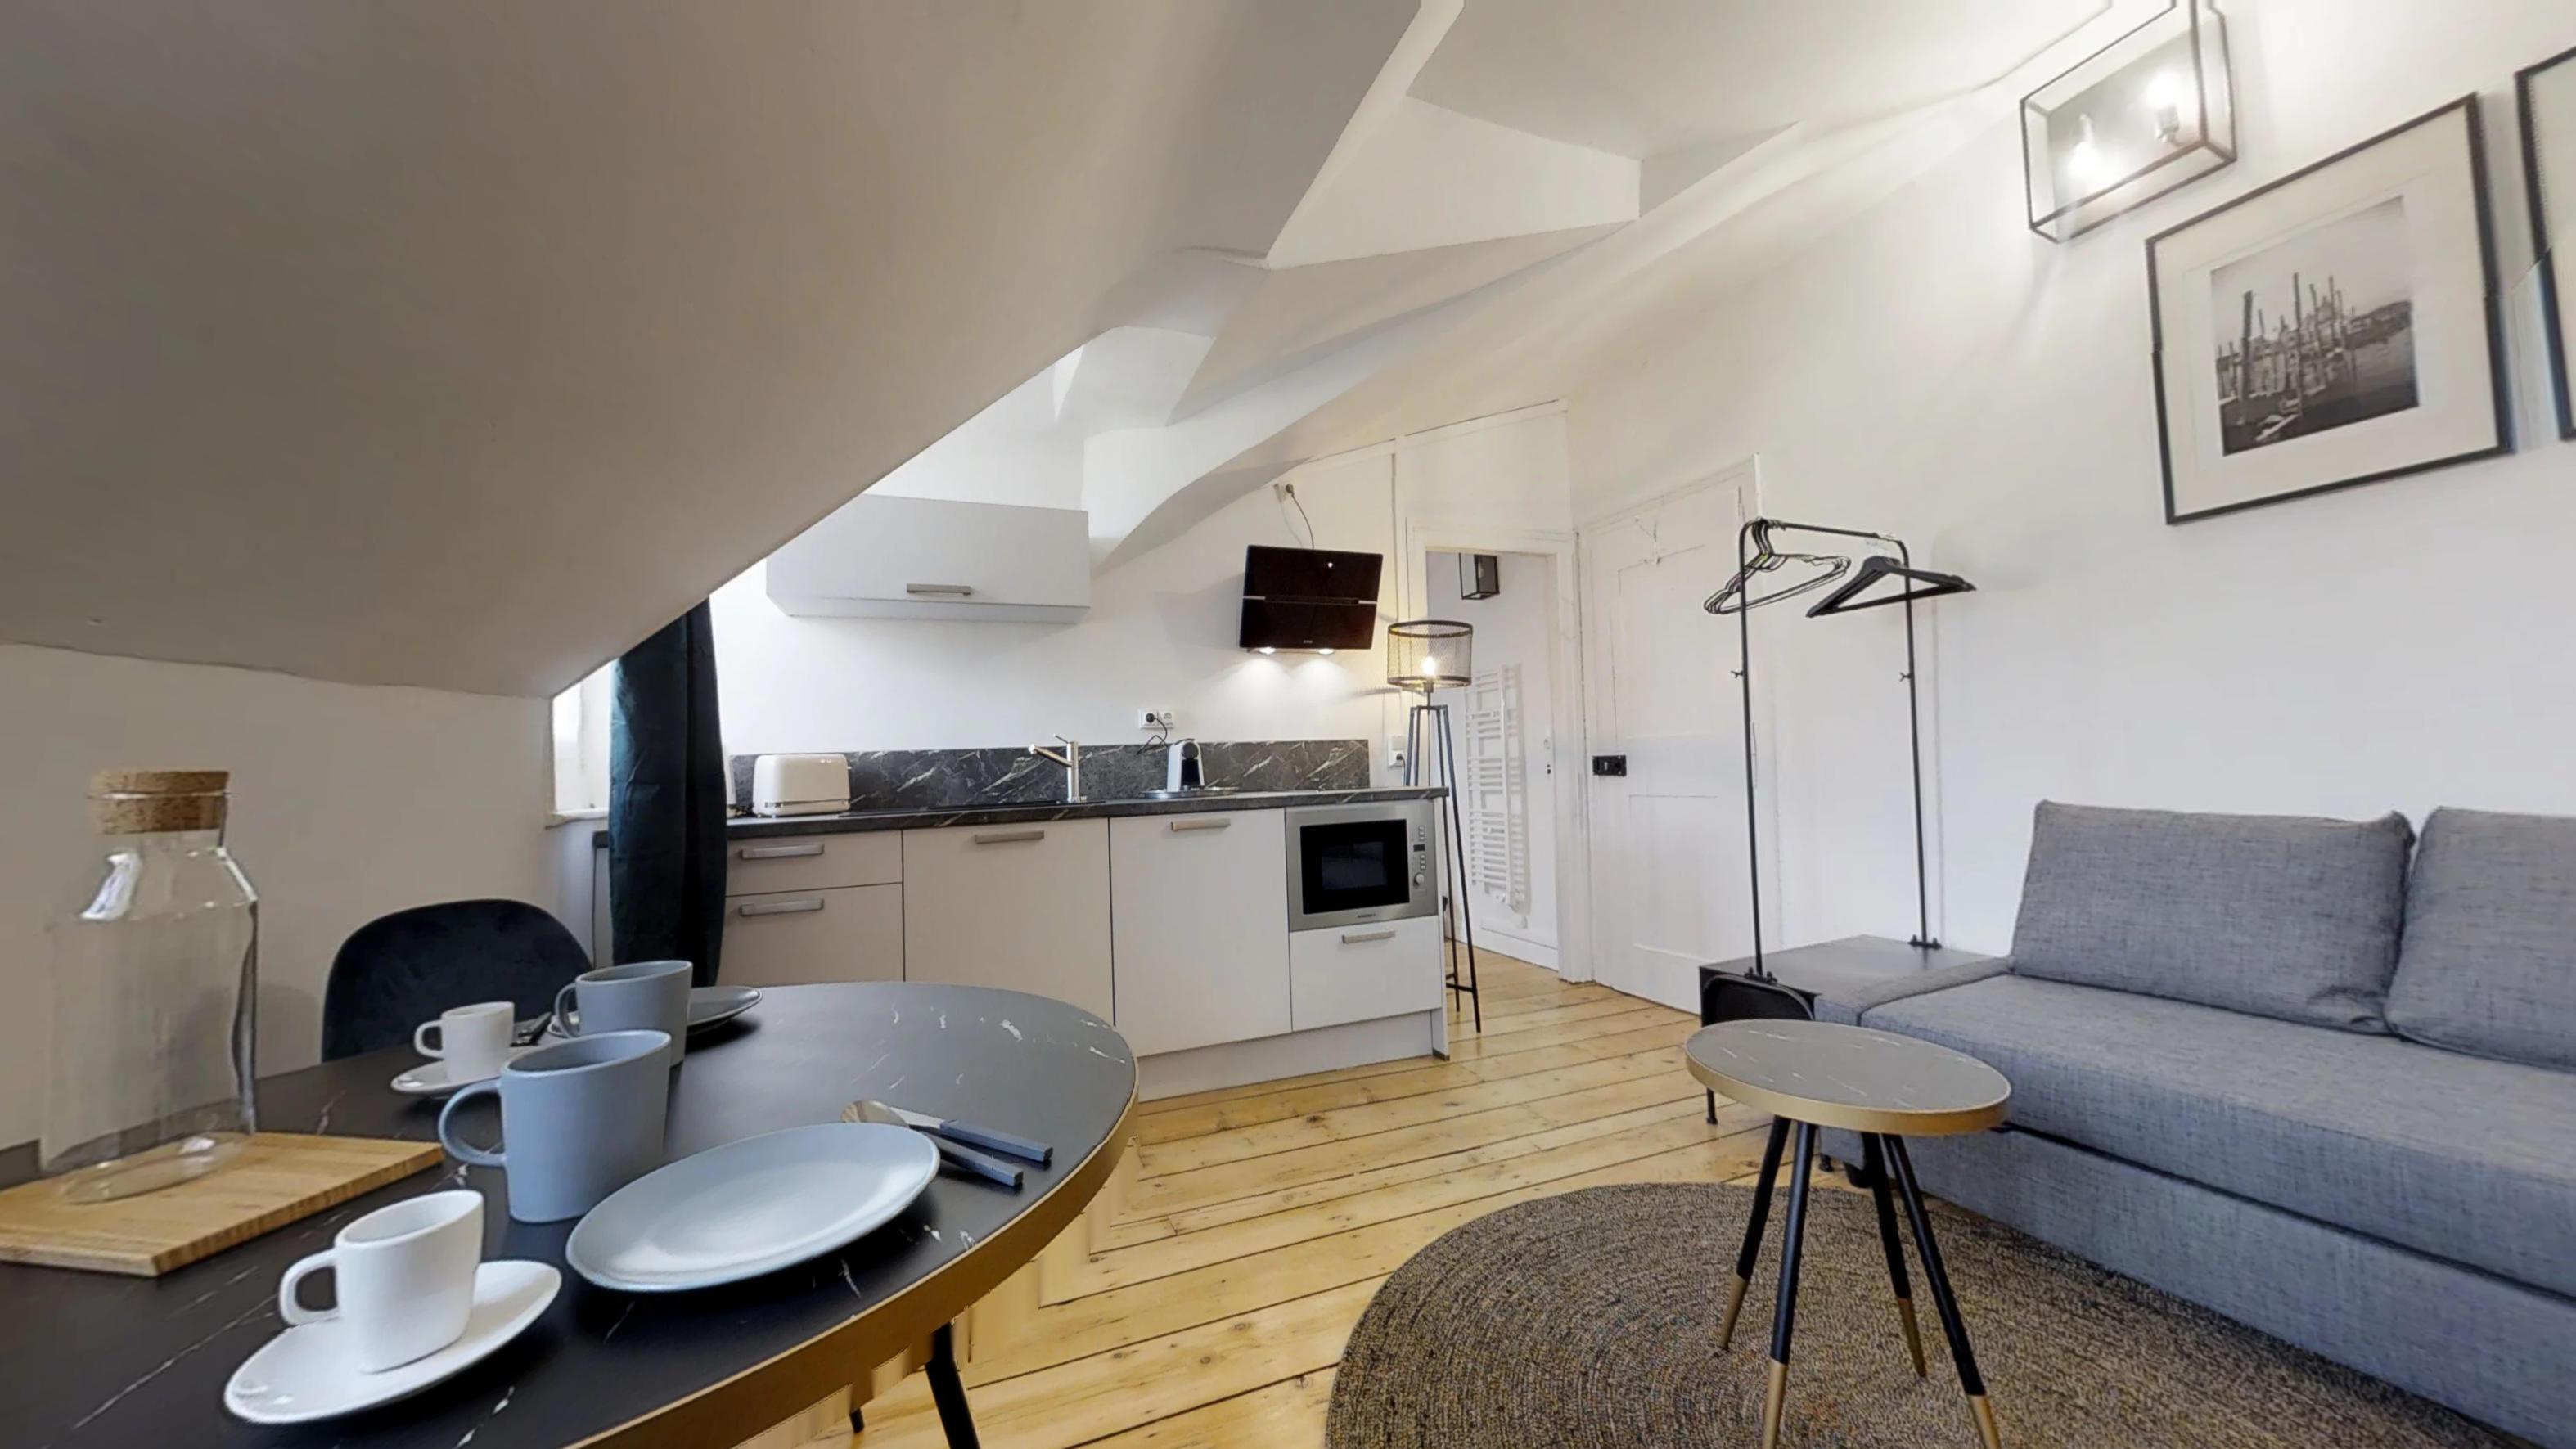 Location saisonnière Appartement meublé Metz  1 piéces